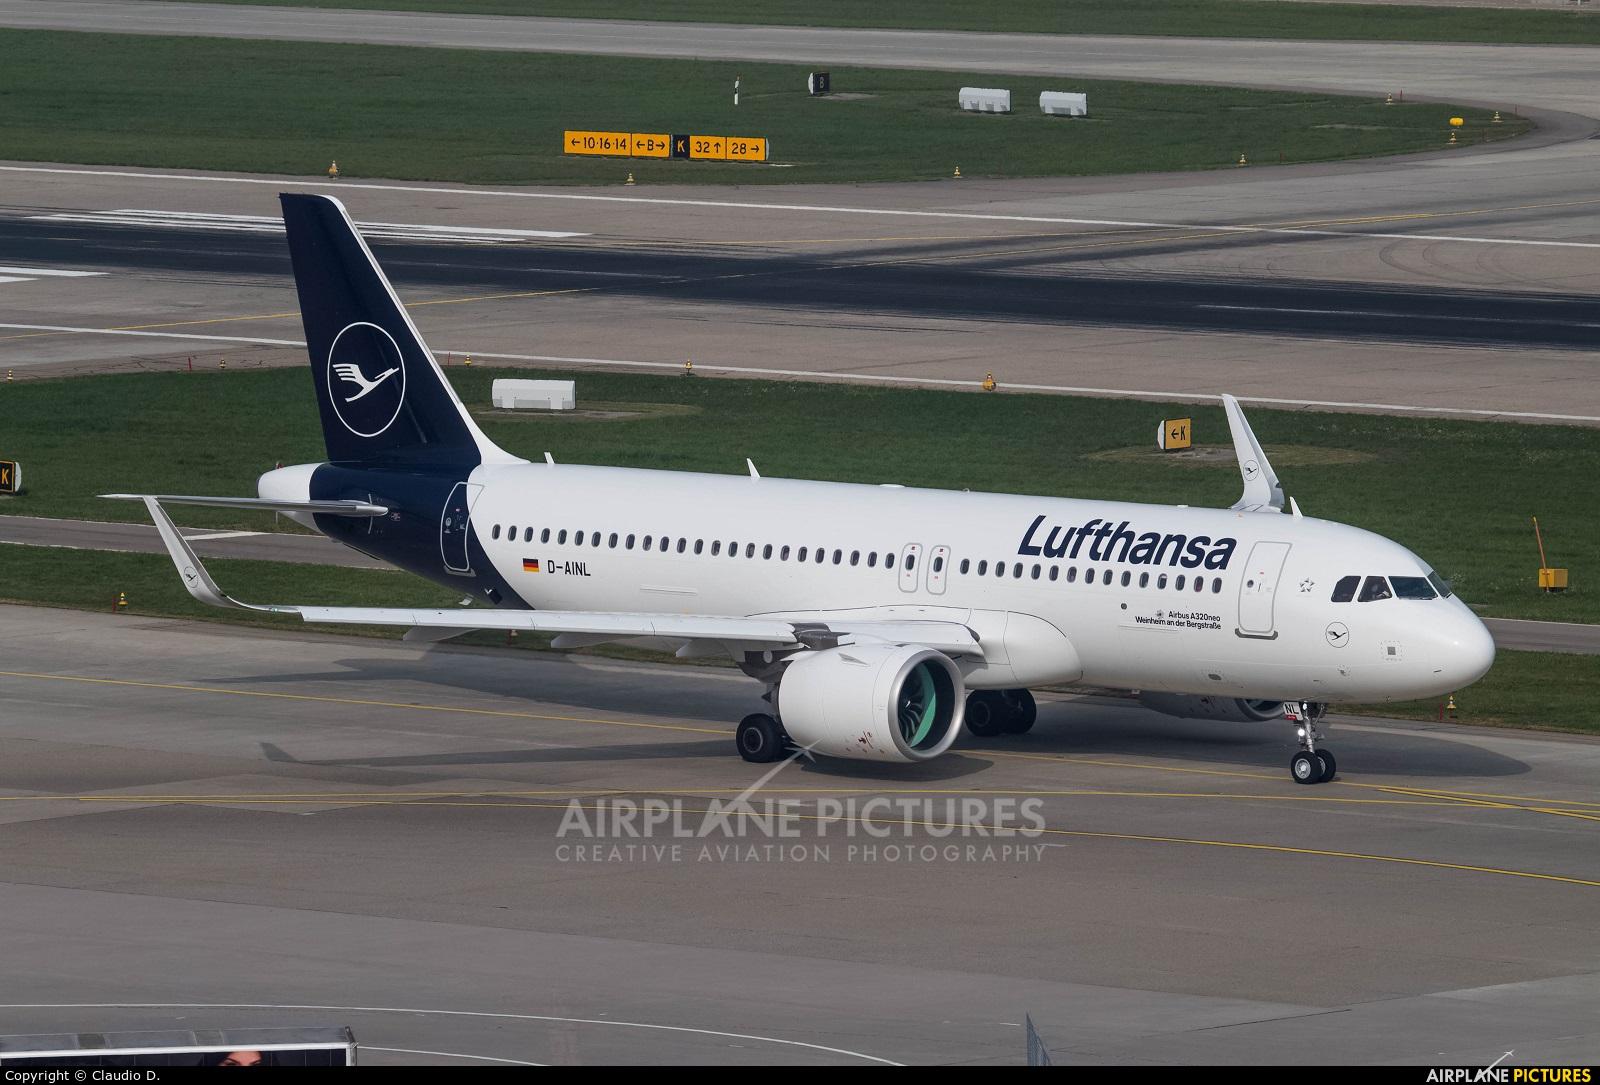 Lufthansa D-AINL aircraft at Zurich